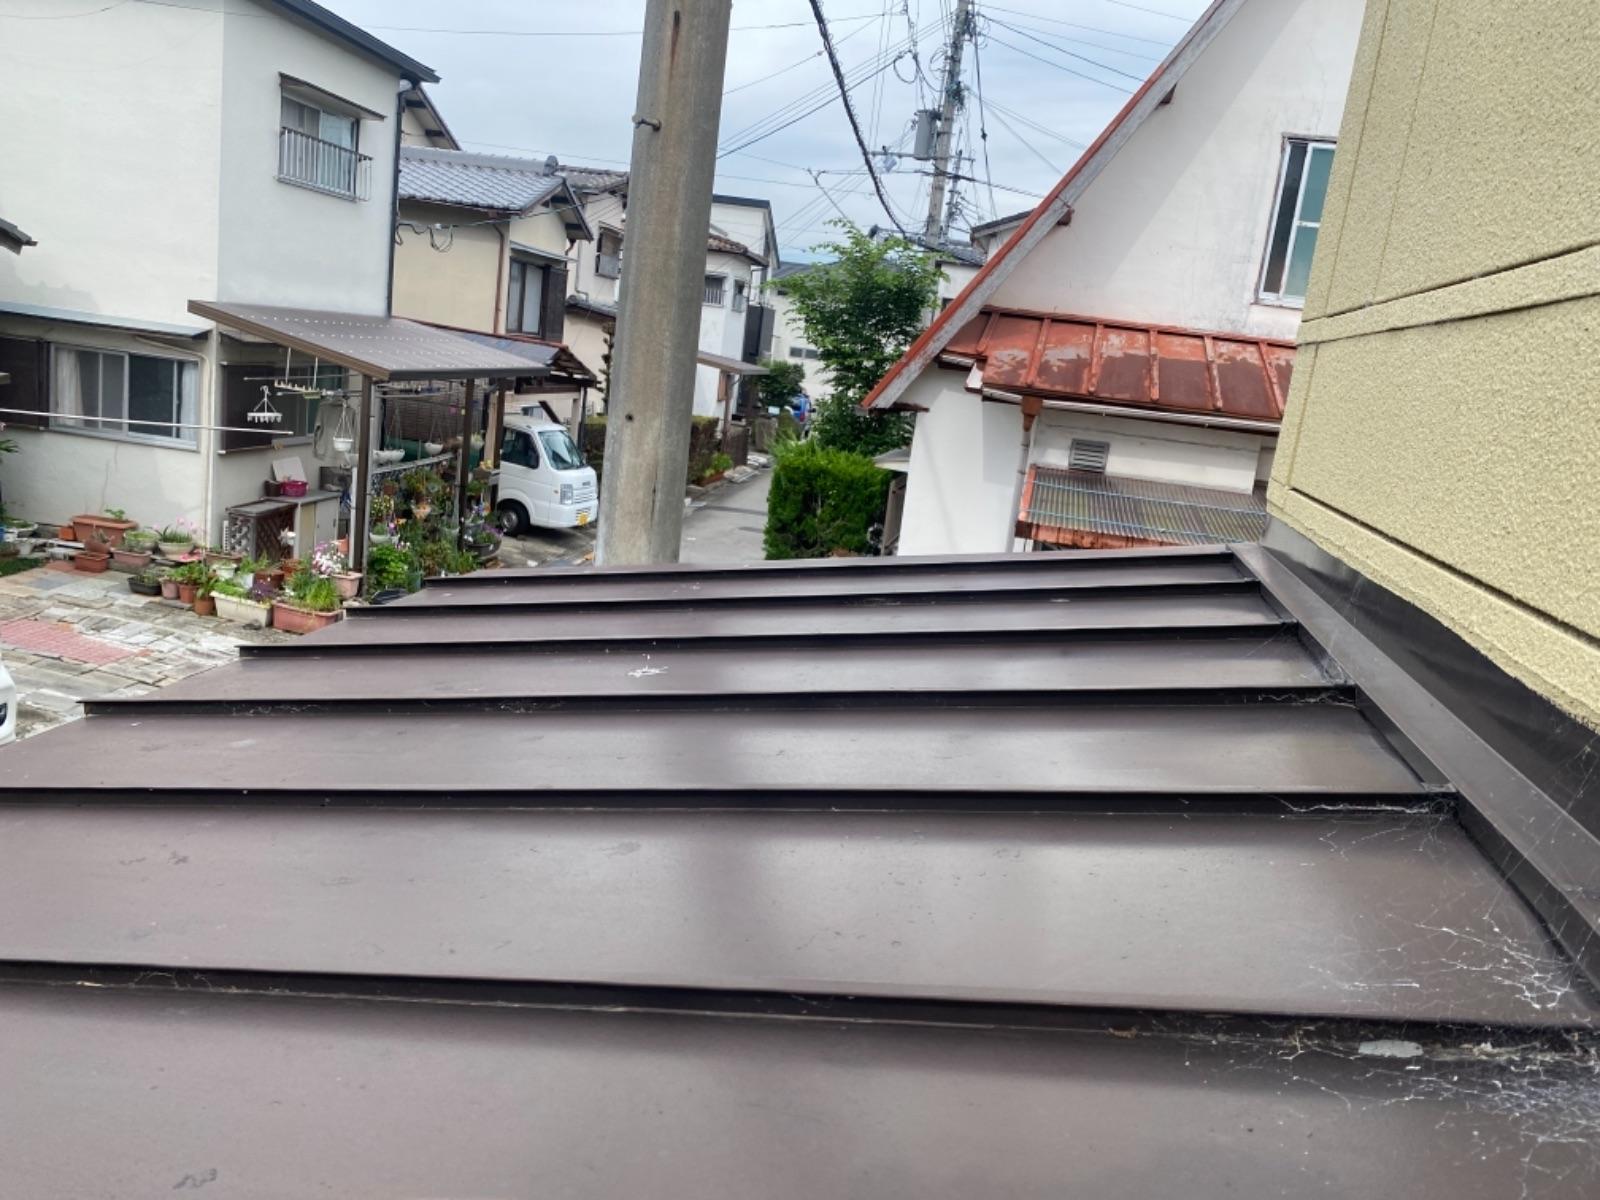 【紀の川市】M様邸 屋根塗装工事<br>『コーティングを施し、輝きと耐久性をプラス♬』5